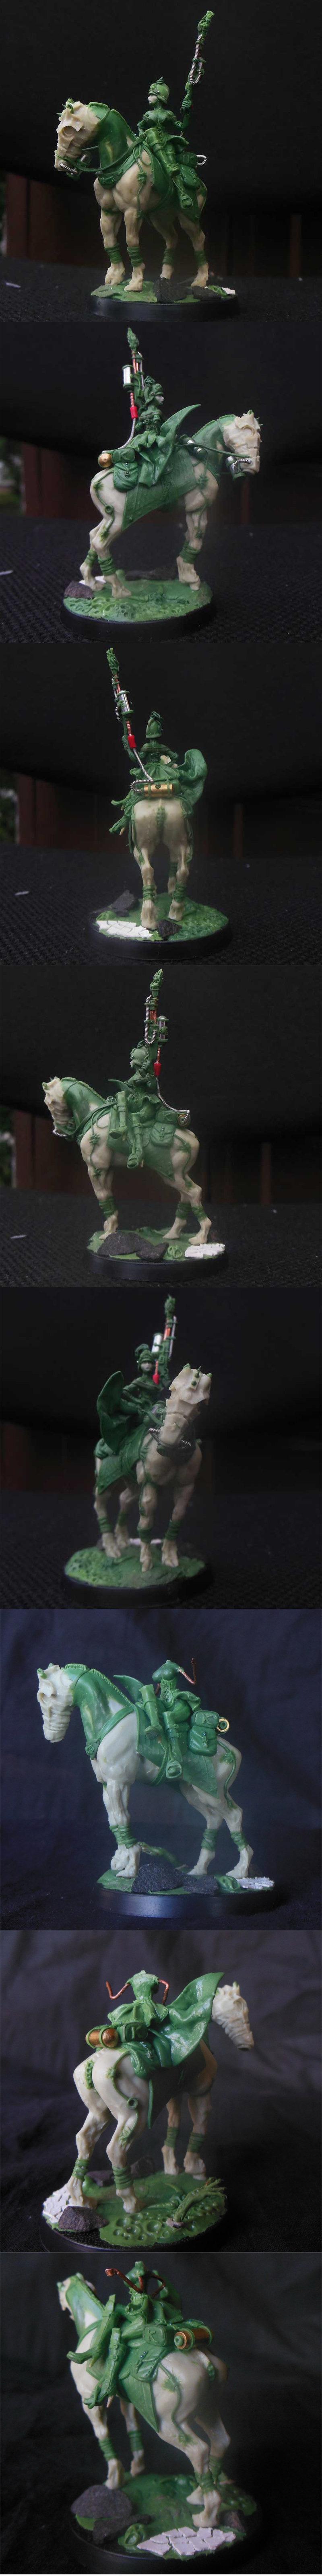 28mm DKK Mounted Female Commissar WIP